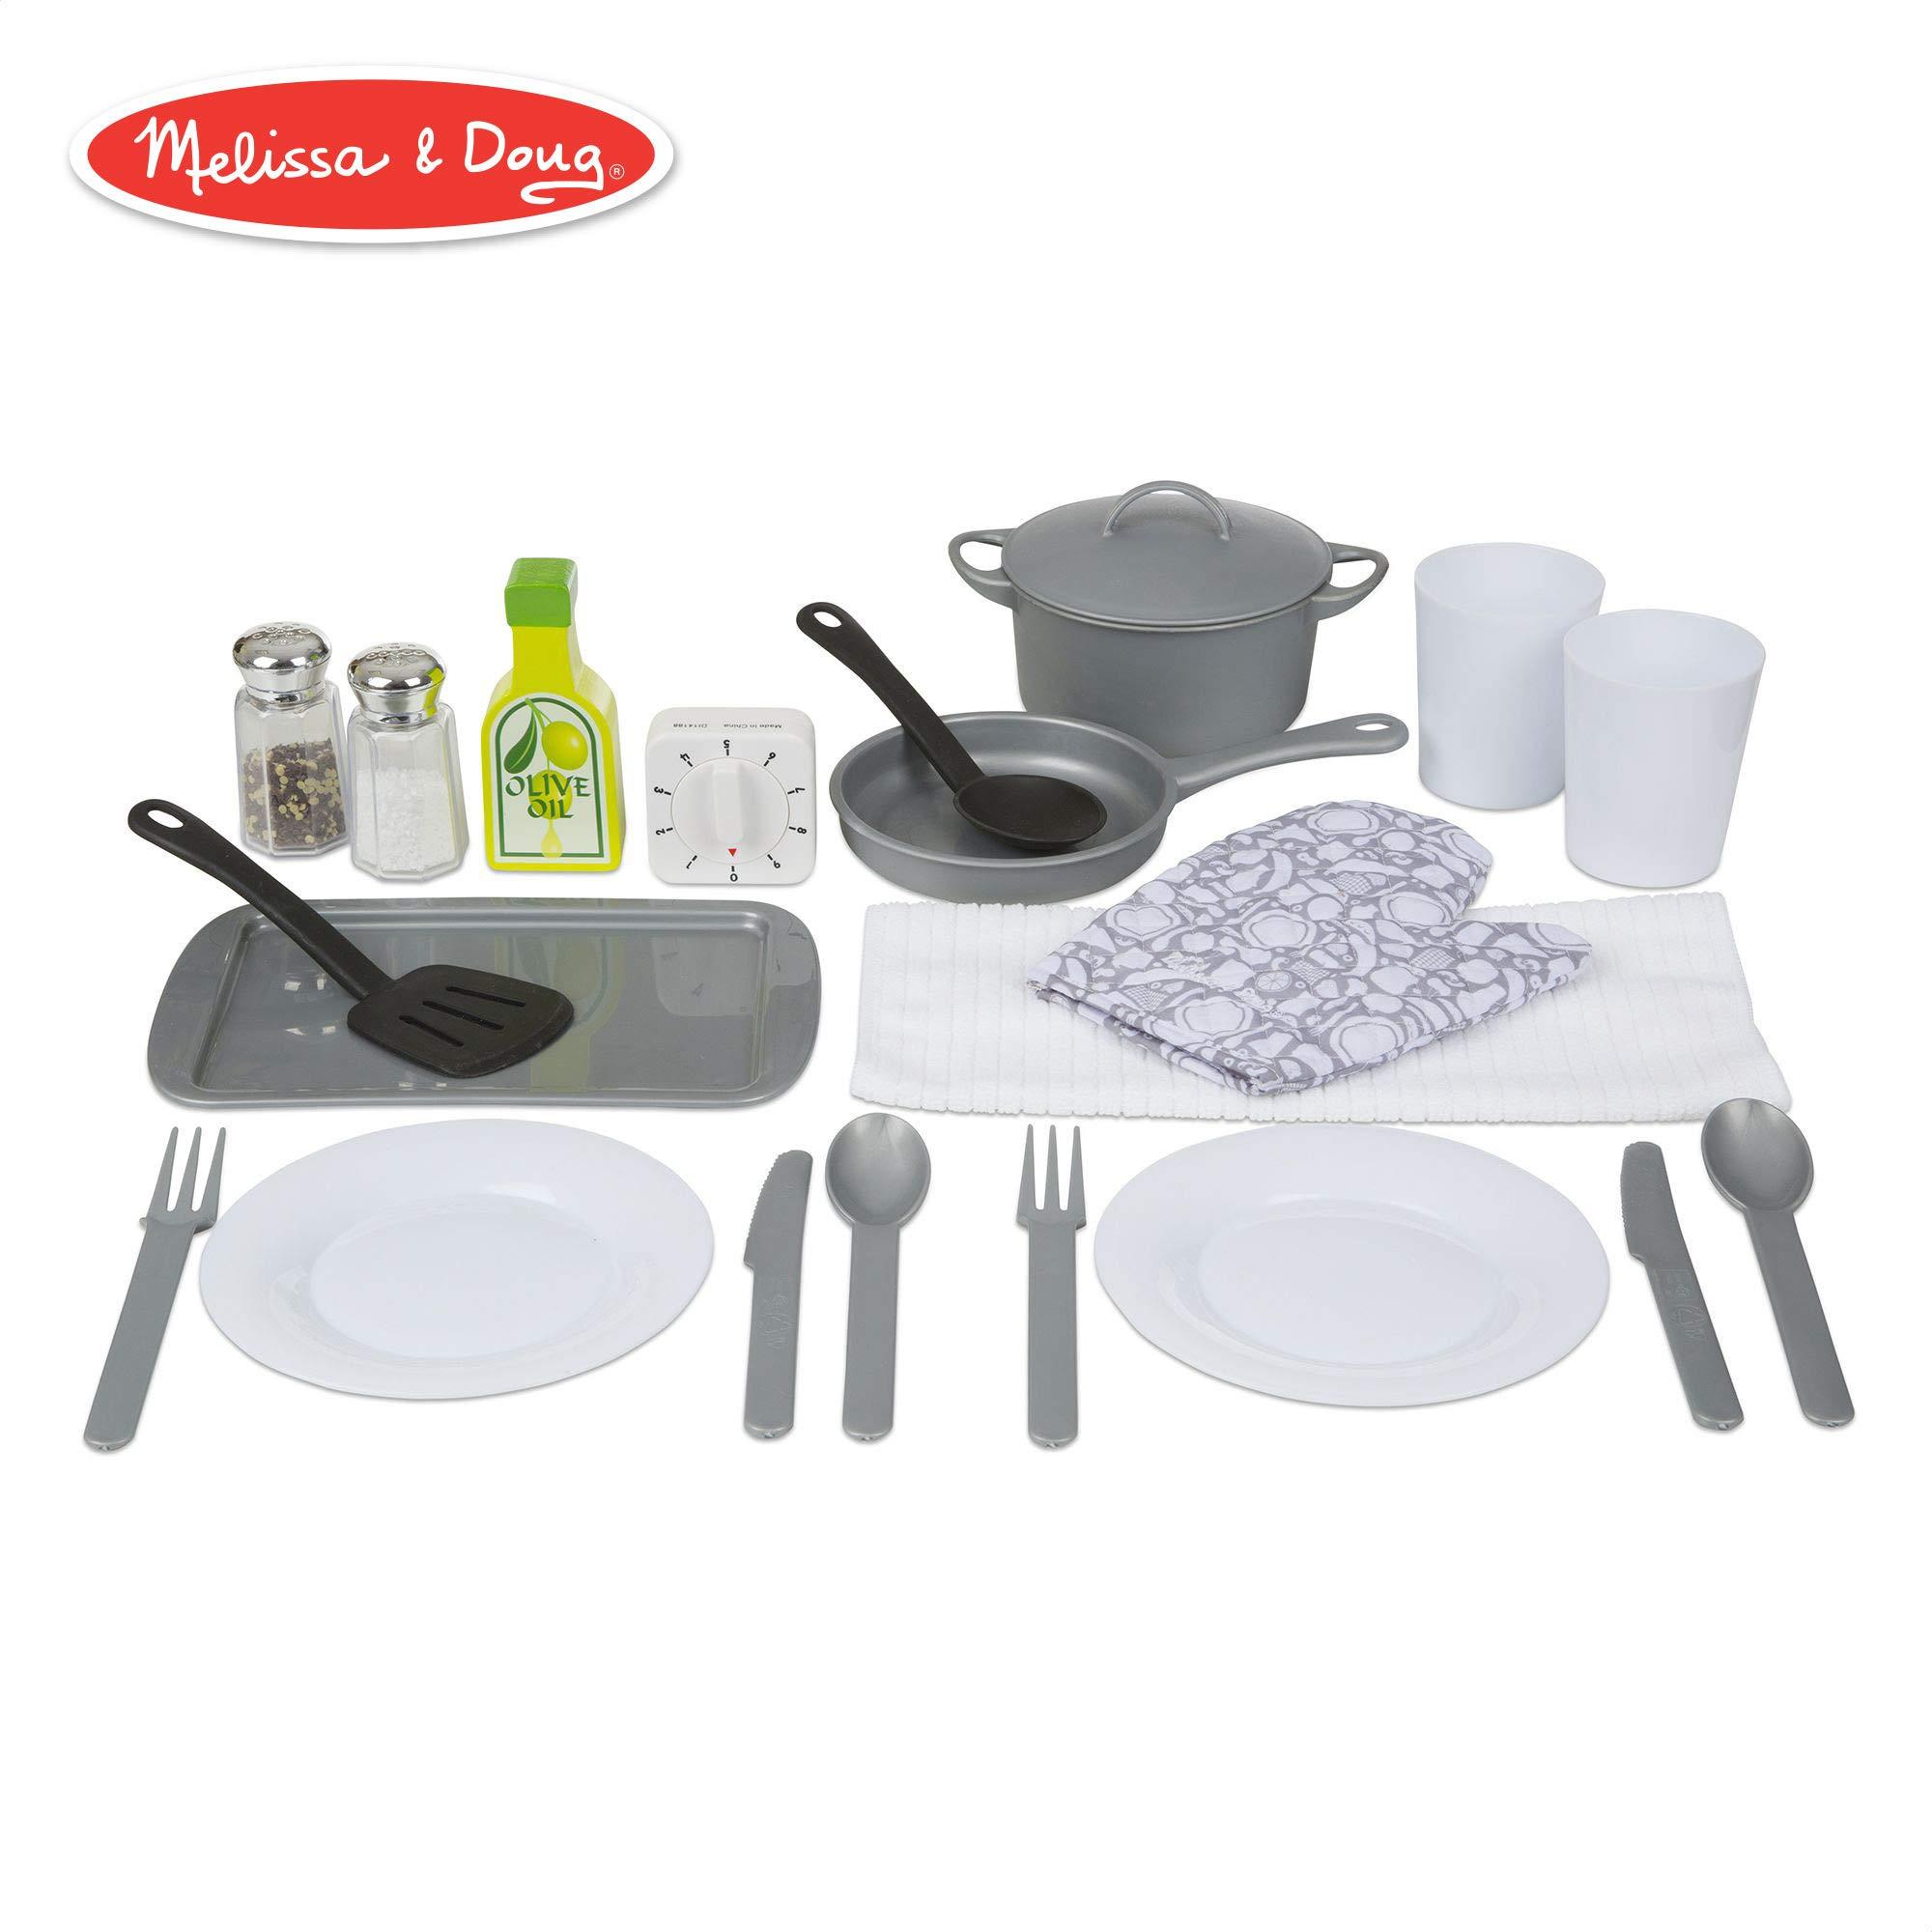 Melissa & Doug Kitchen Accessory Set (Pretend Play, Durable Construction, Companion to Kitchen Sets, 22-Piece Set, 10.5″ H × 13.5″ W × 4″ L)